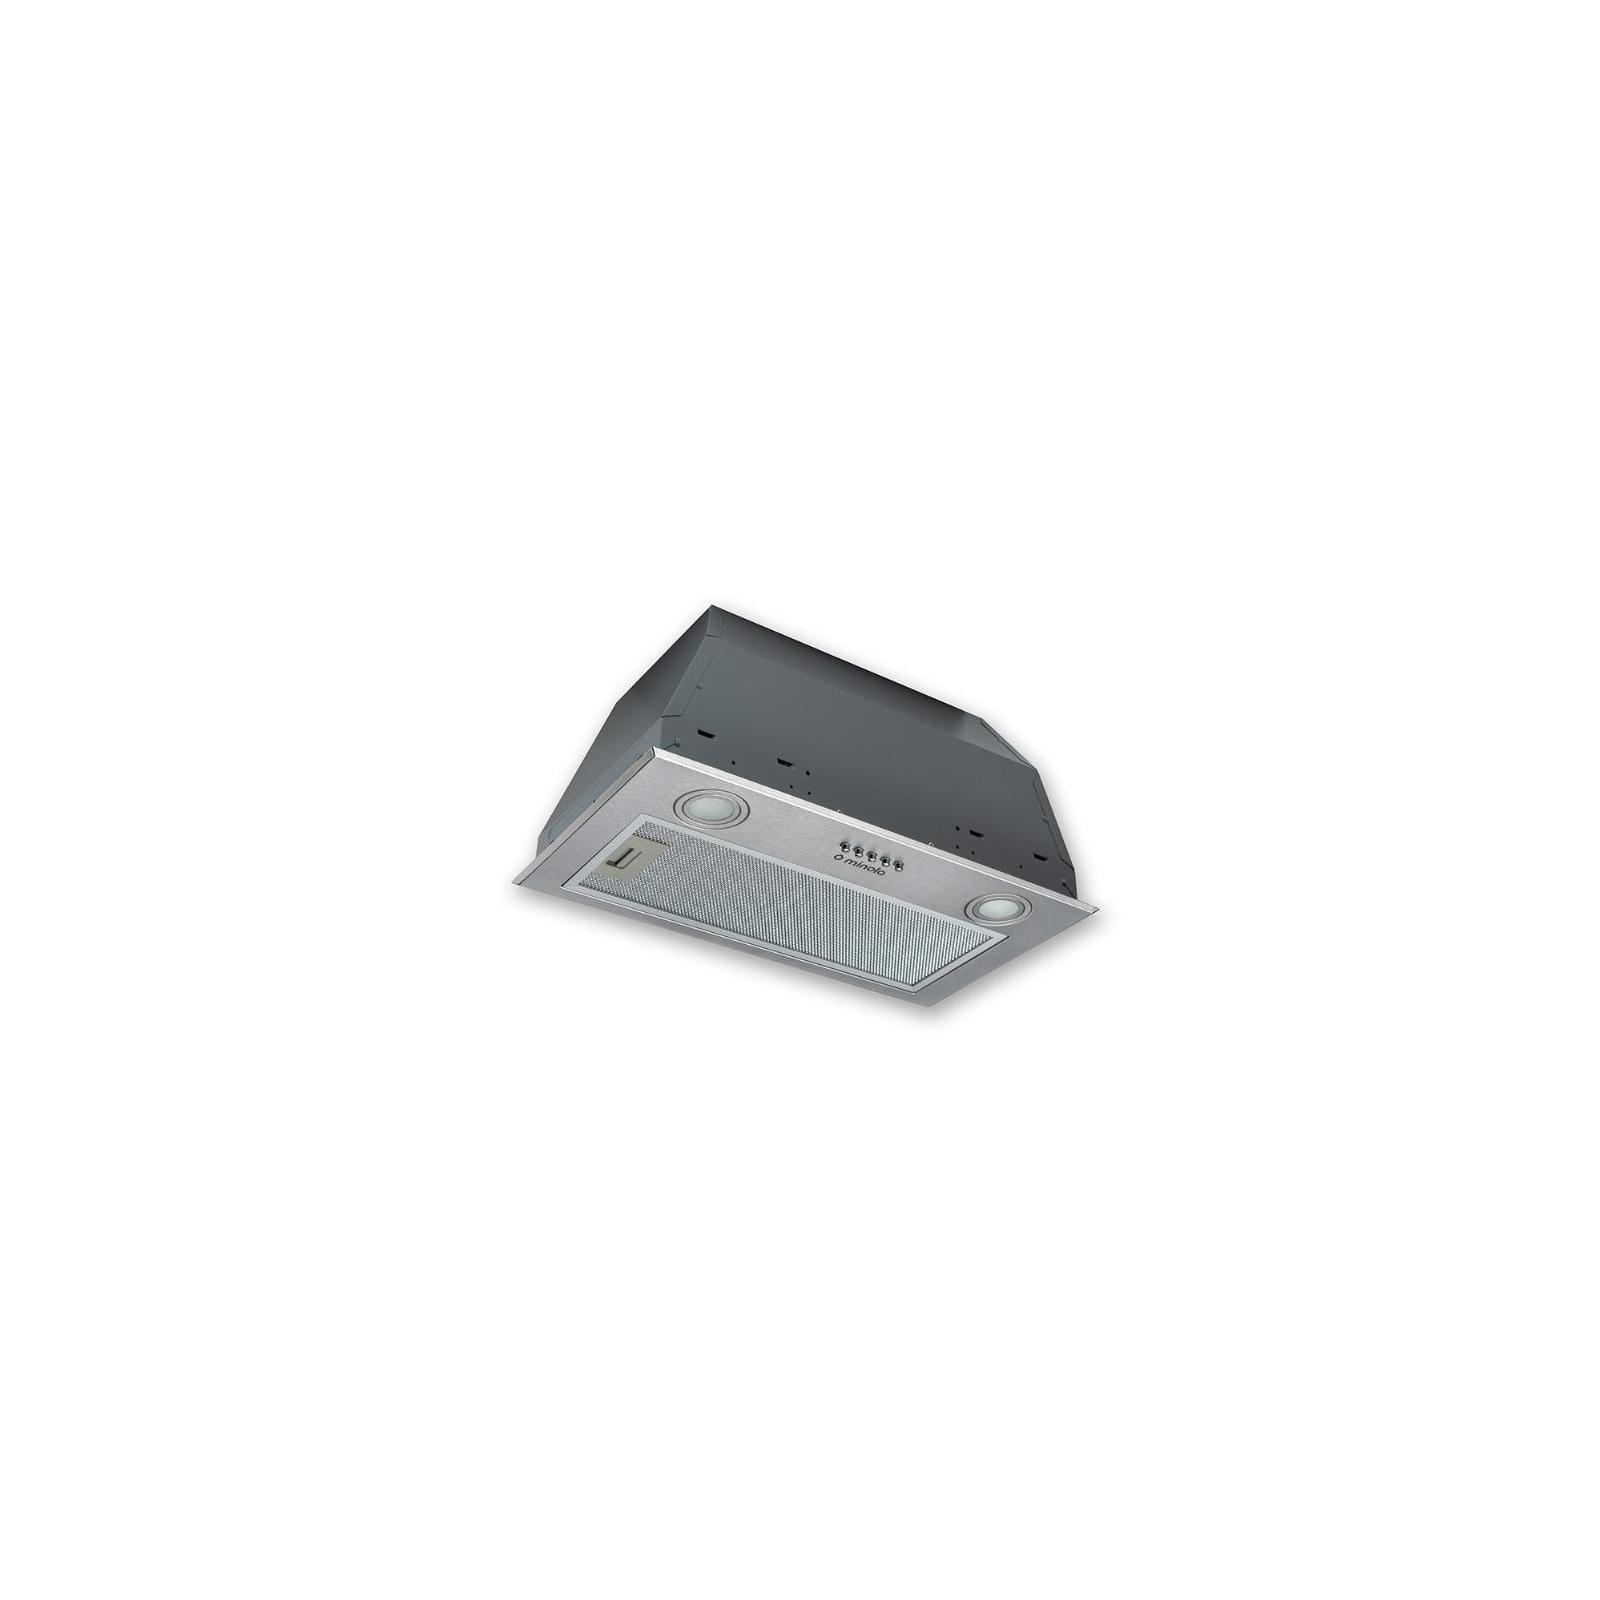 Вытяжка кухонная MINOLA HBI 5622 I 1000 LED